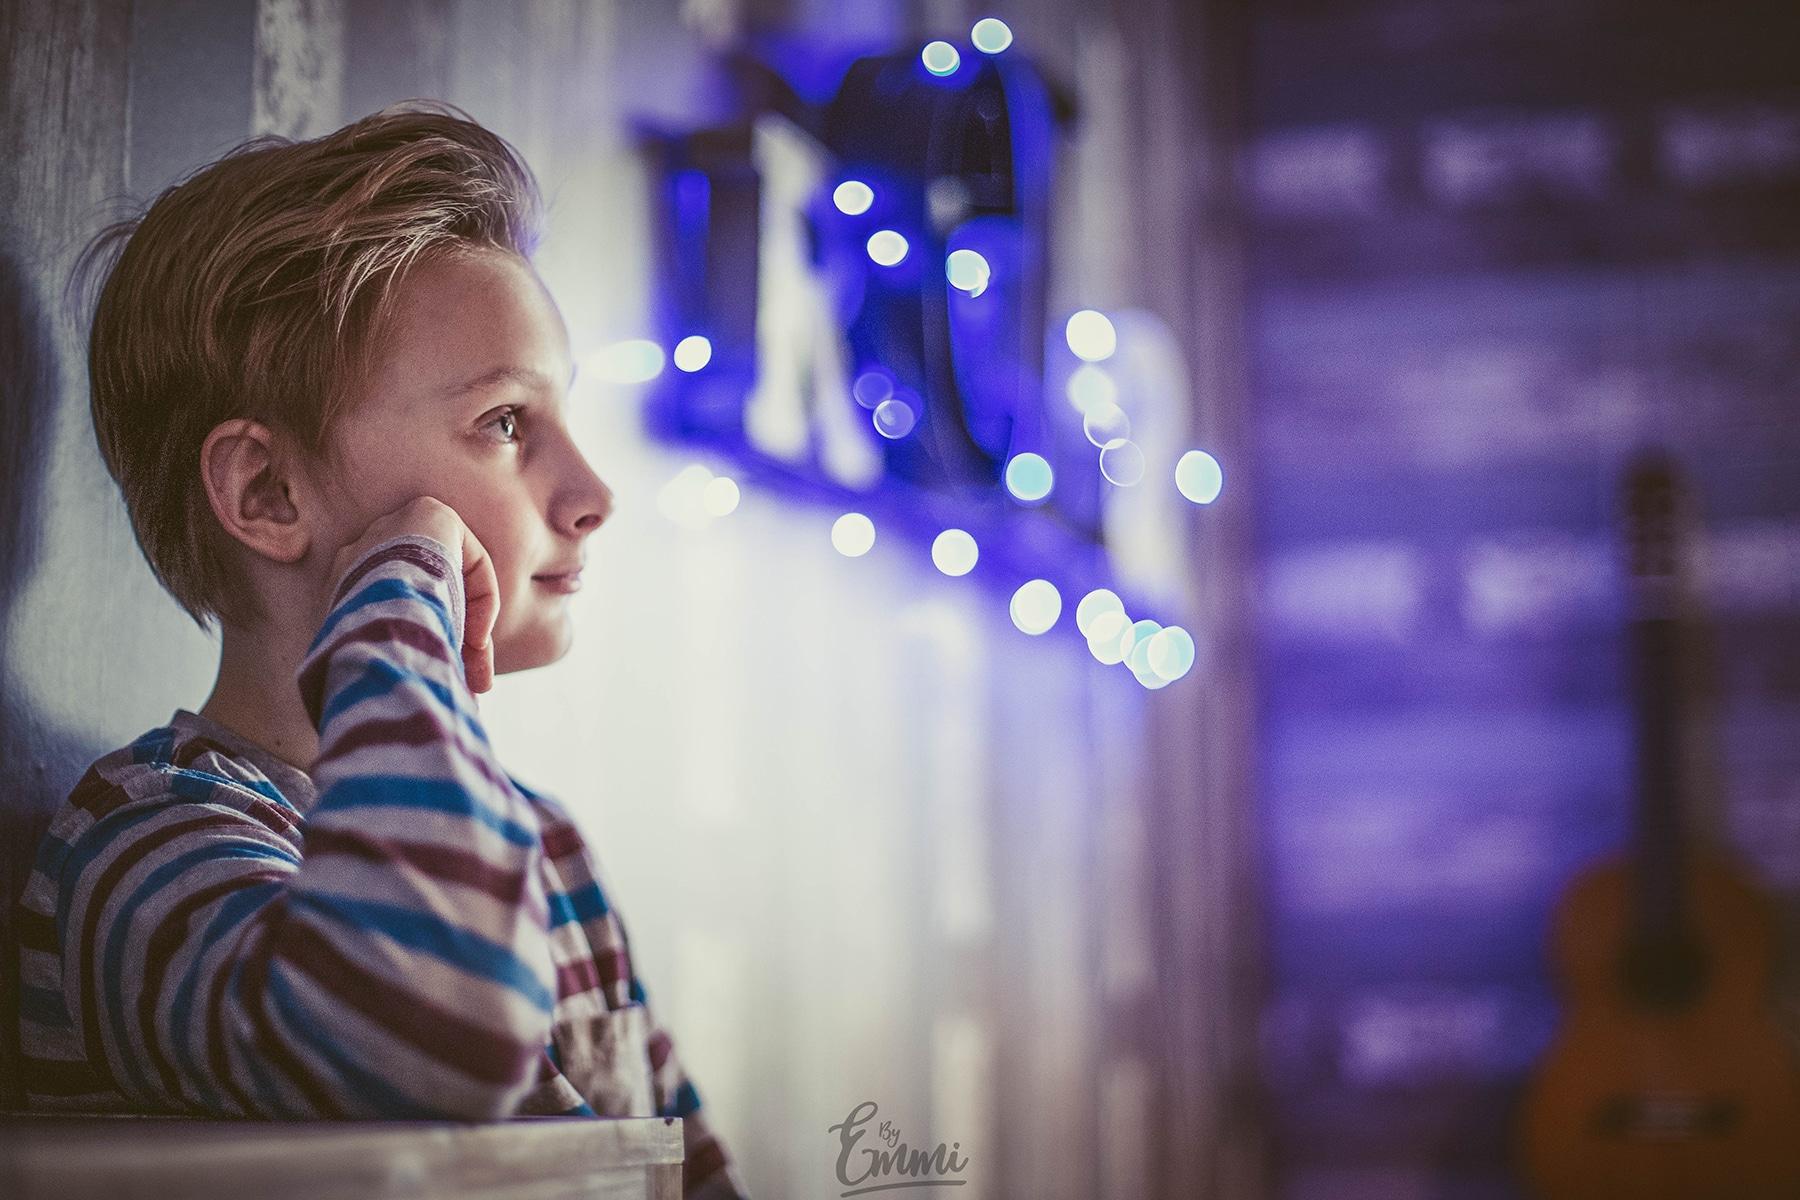 jva jyväskylä Kannusalkoholistin lapsi Helsinki